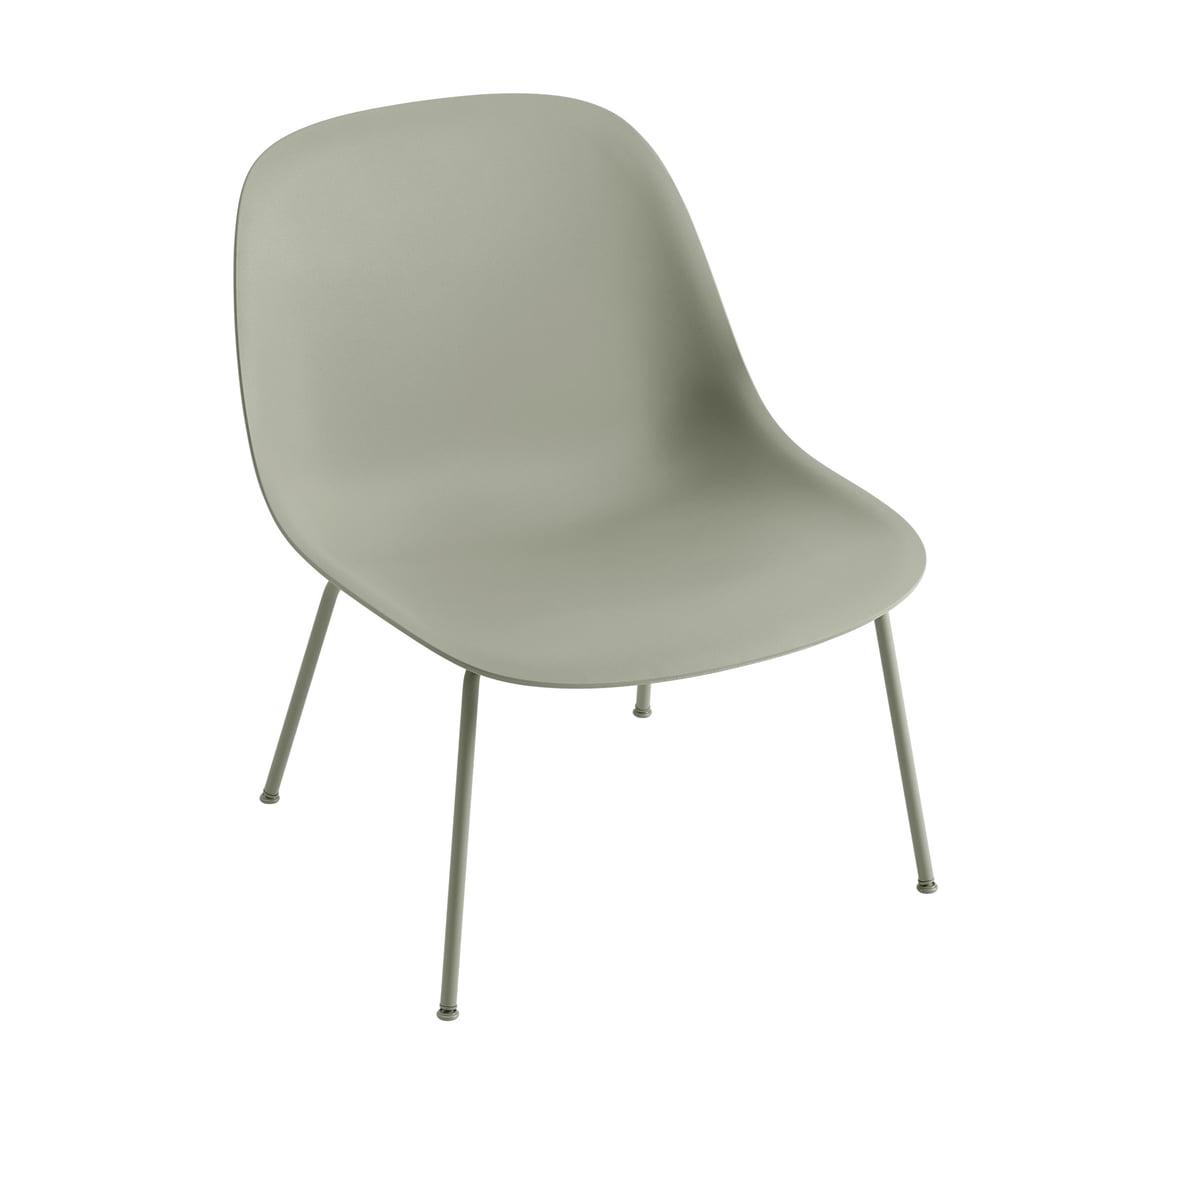 Muuto - Fiber Lounge Chair Tube Base, dusty green | Wohnzimmer > Sessel > Loungesessel | Dusty green | Sitzschale: 25% holzfaser -  70% pp (polyproplen) und 5% gefärbtes pp | Muuto